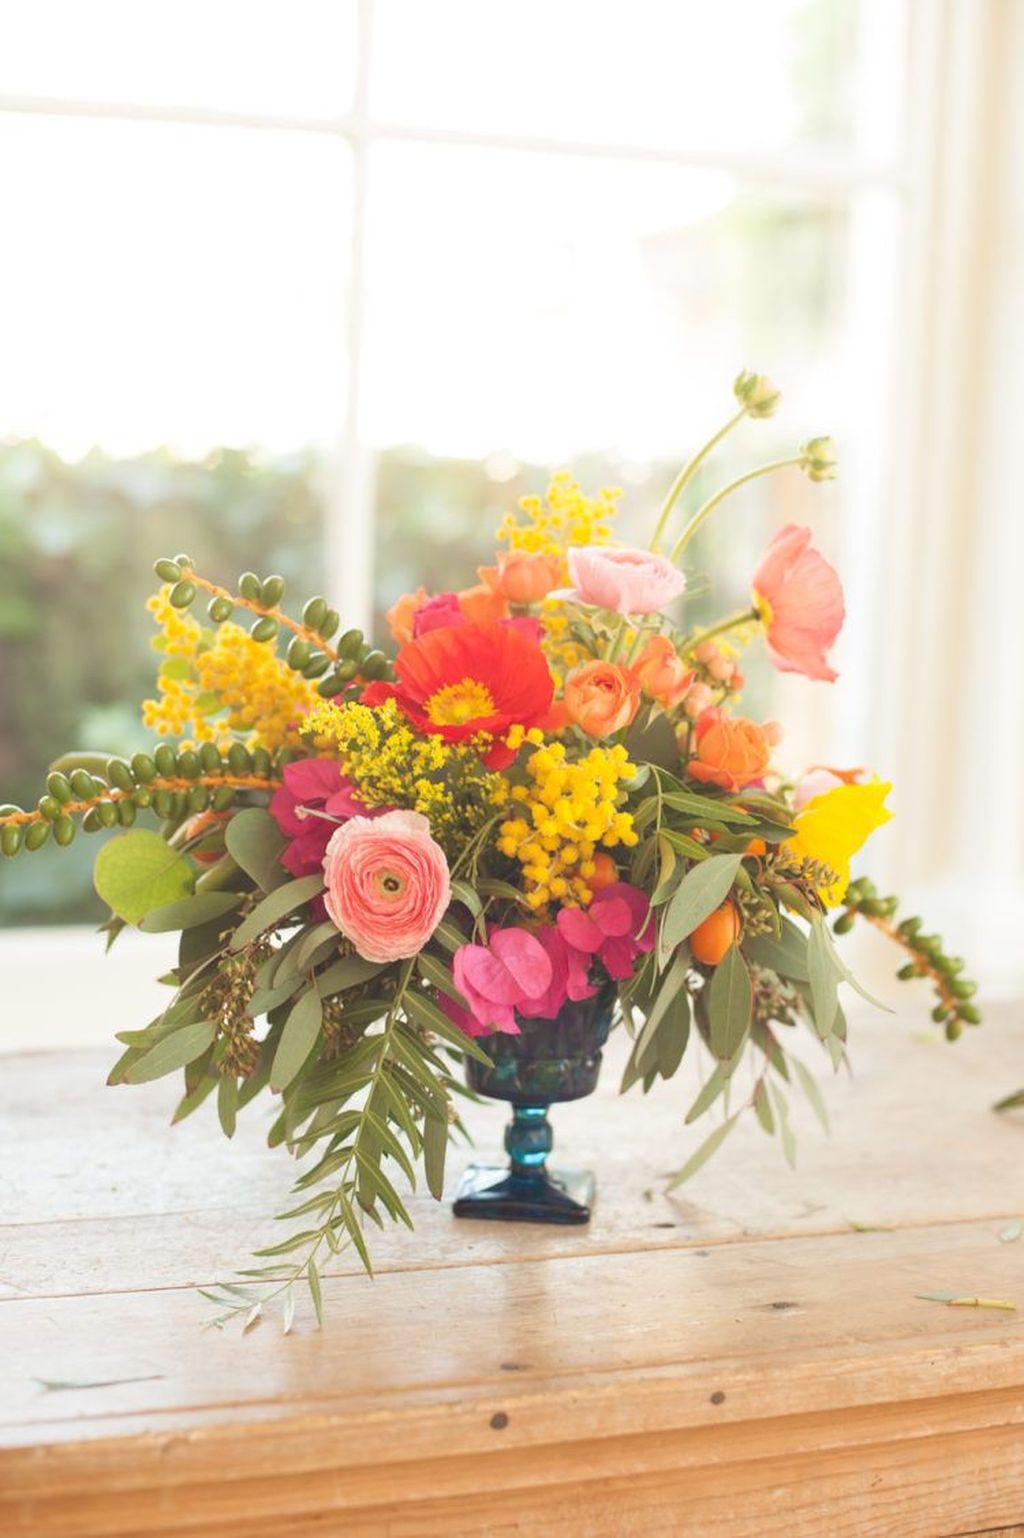 Amazing Unique Flower Arrangements Ideas For Your Home Decor 26